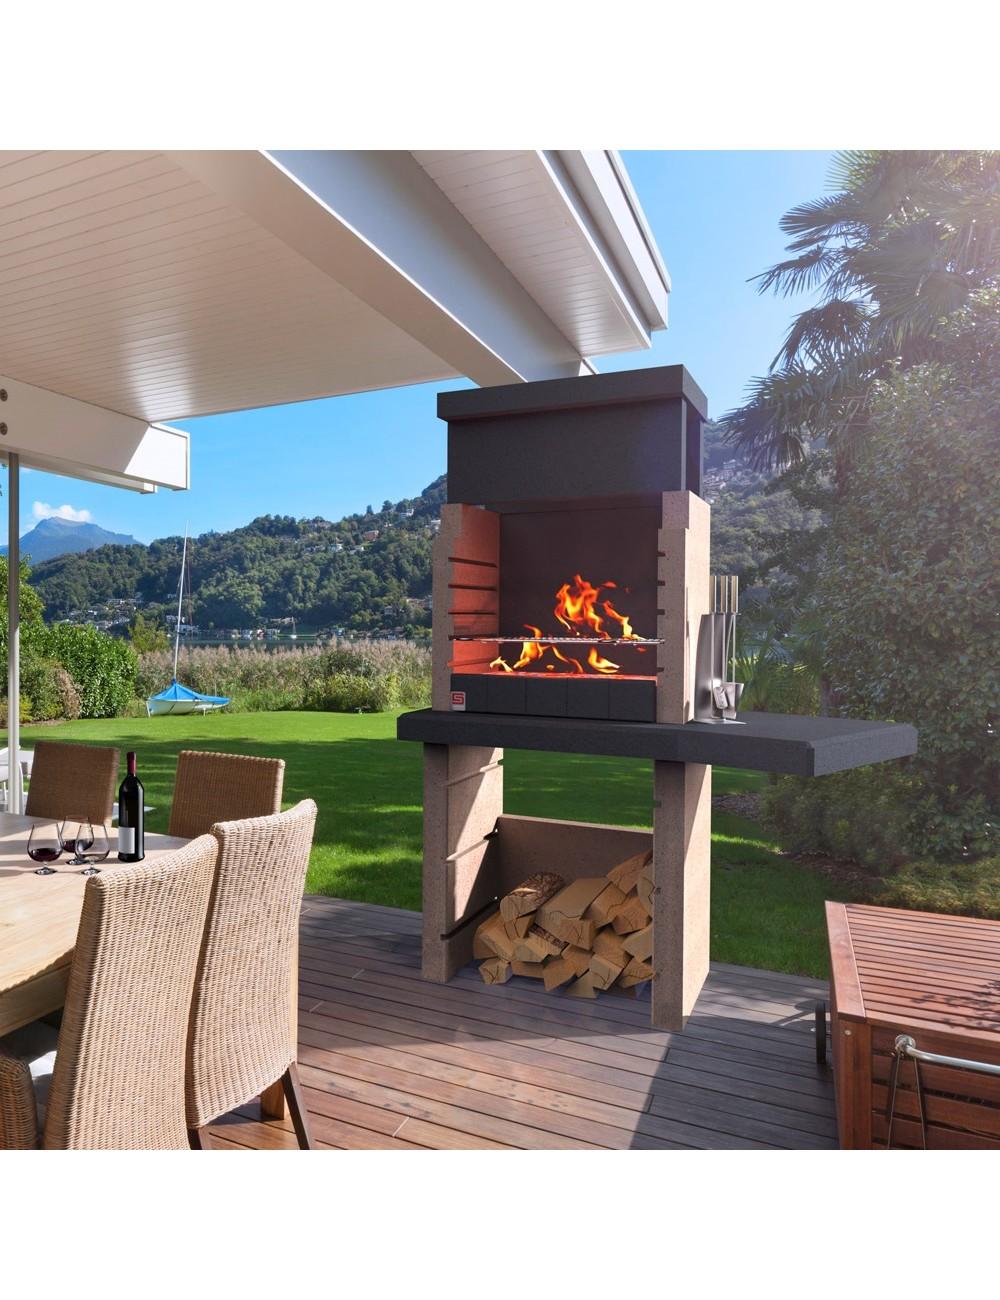 Barbecue In Muratura Immagini dettagli su barbecue a muratura boa vista sarom in calcestruzzo alleggerito  carbonella legna